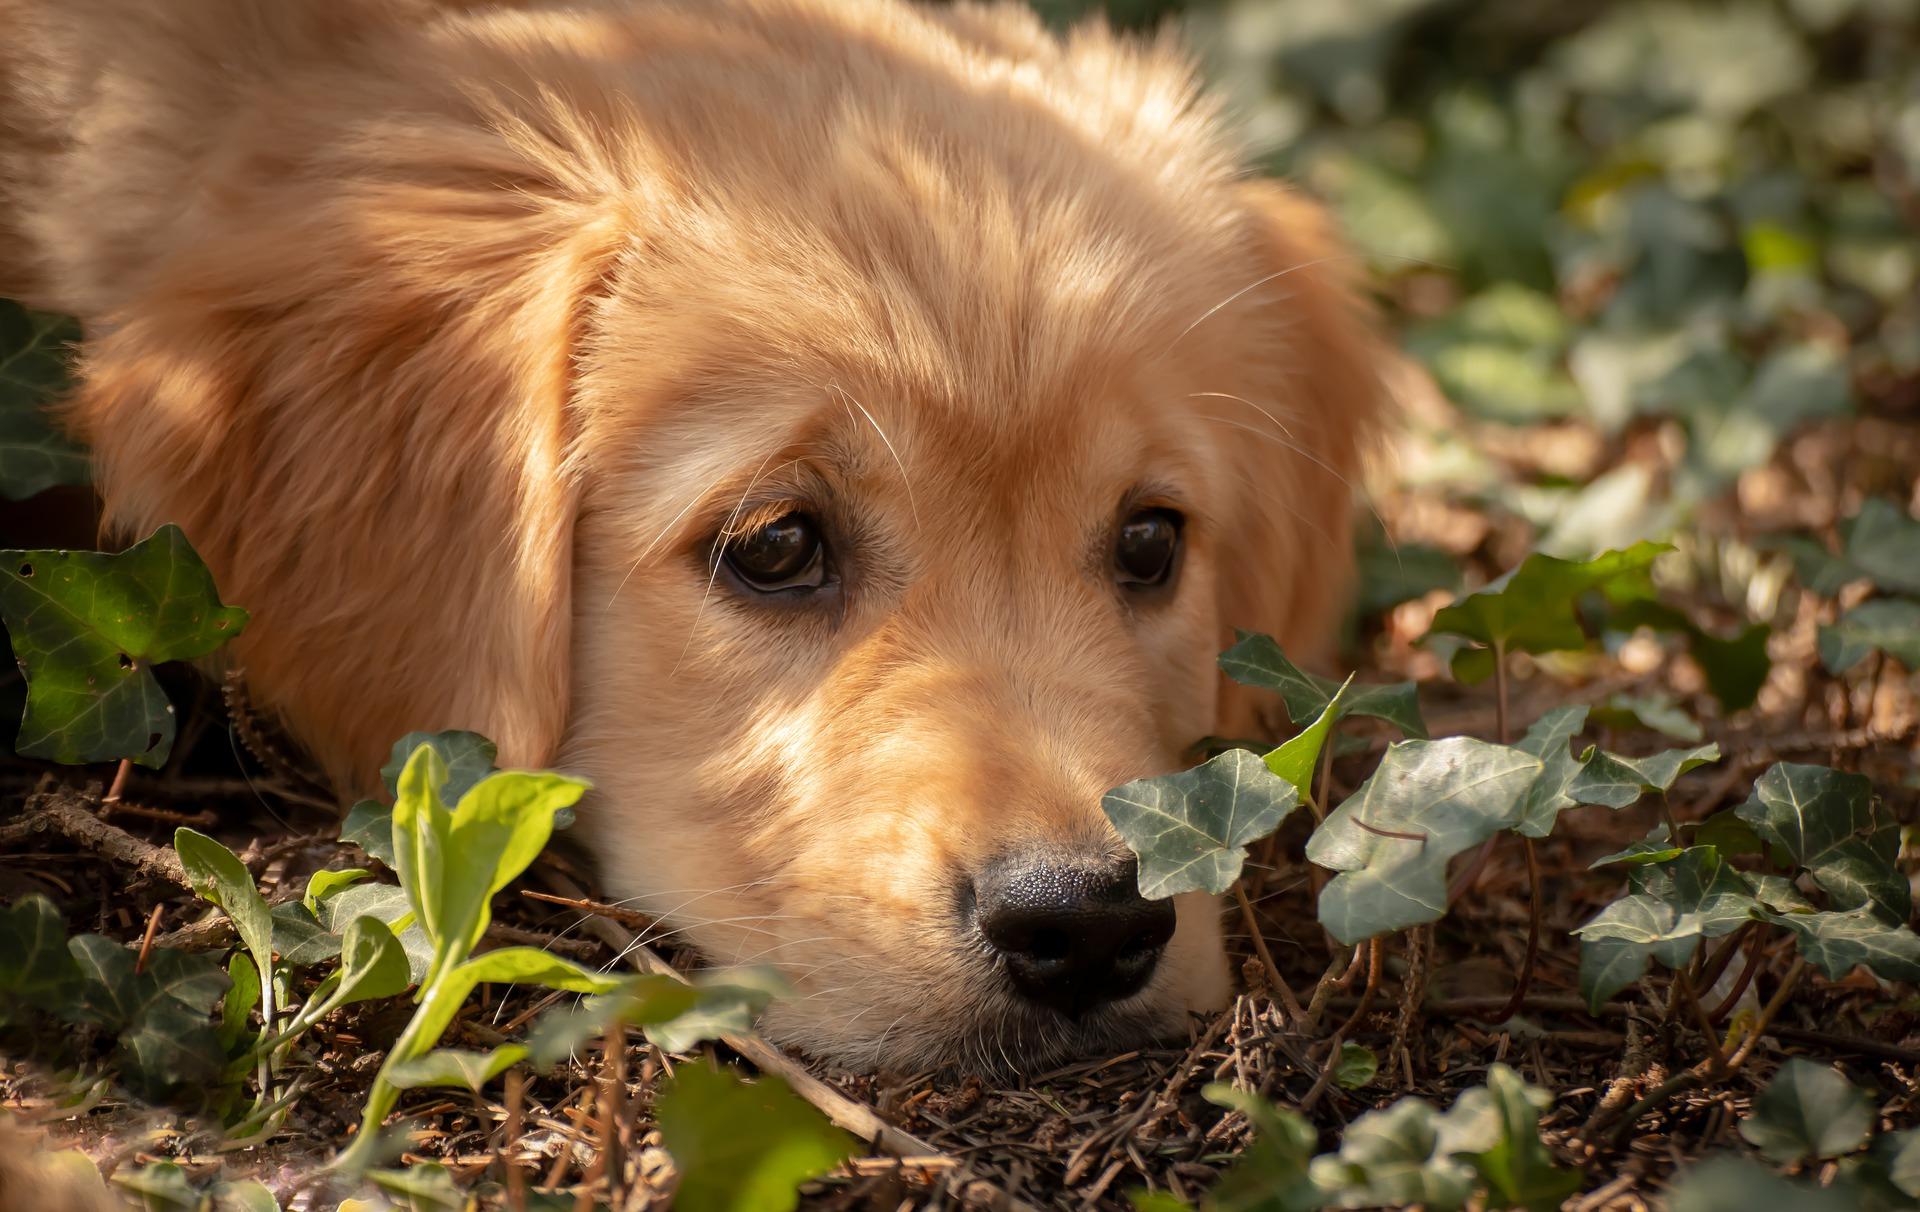 Un jardin peut-il éviter de promener son chien ? Non